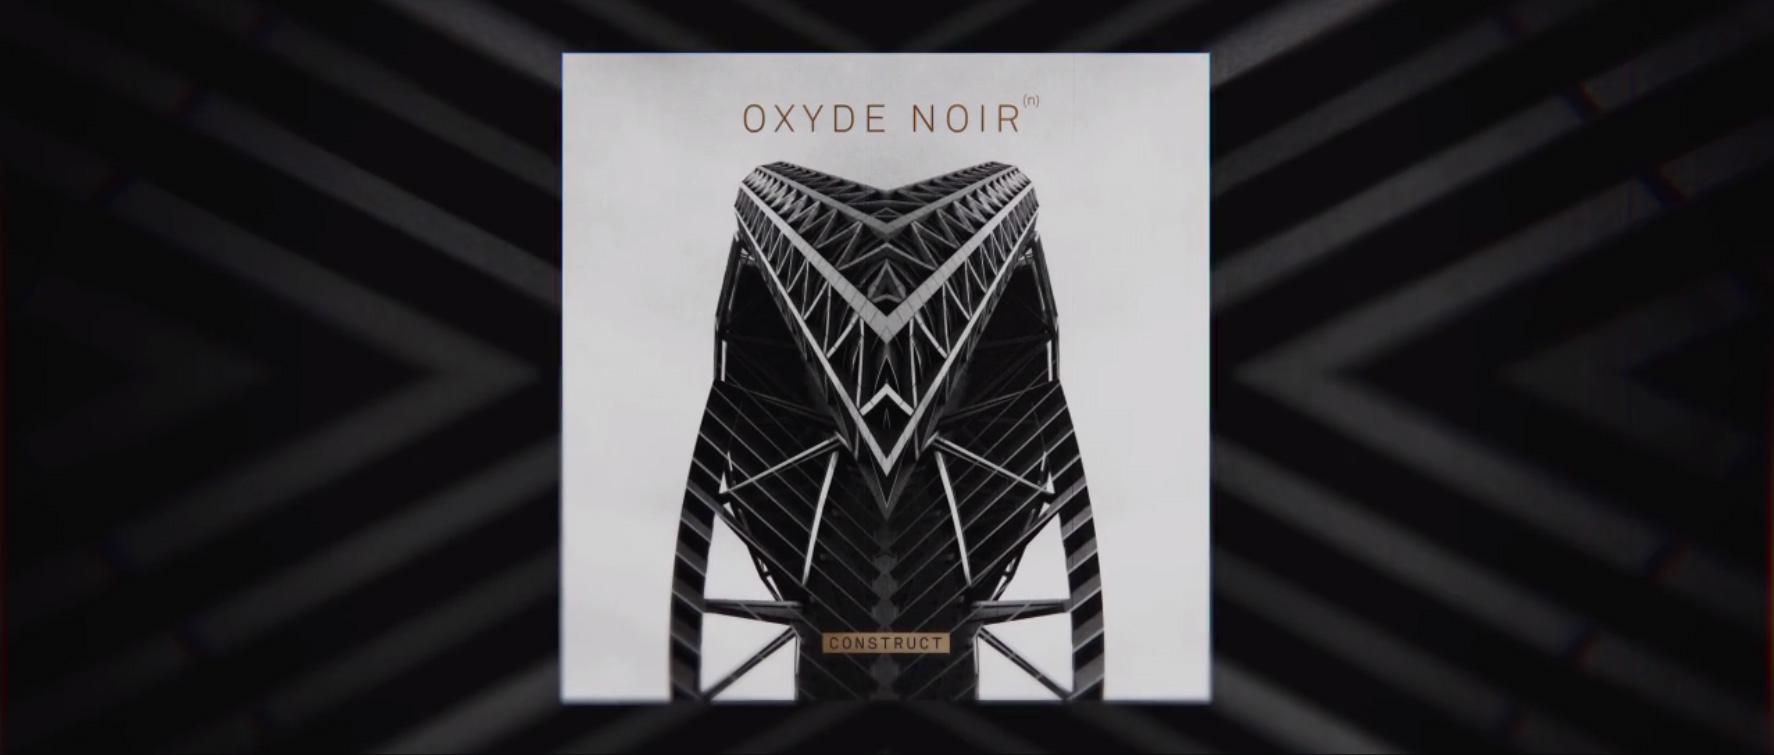 Construct_Titles-Oxyde_Noir-6.jpg